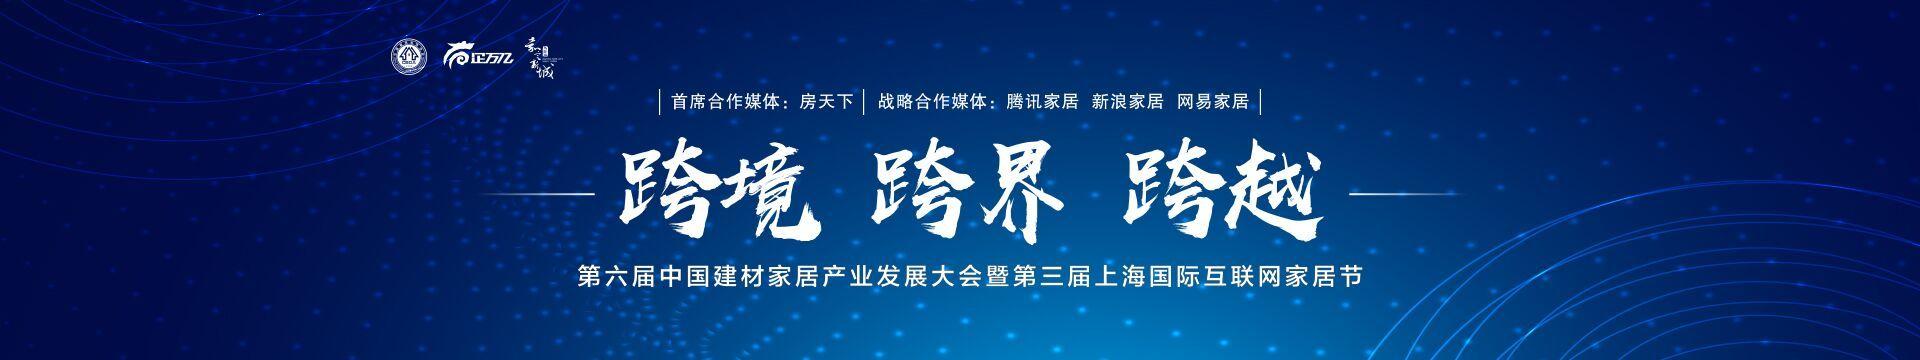 2019第六届我国建材家居工业展开大会& 第三届上海国际互联网家居节(上海)